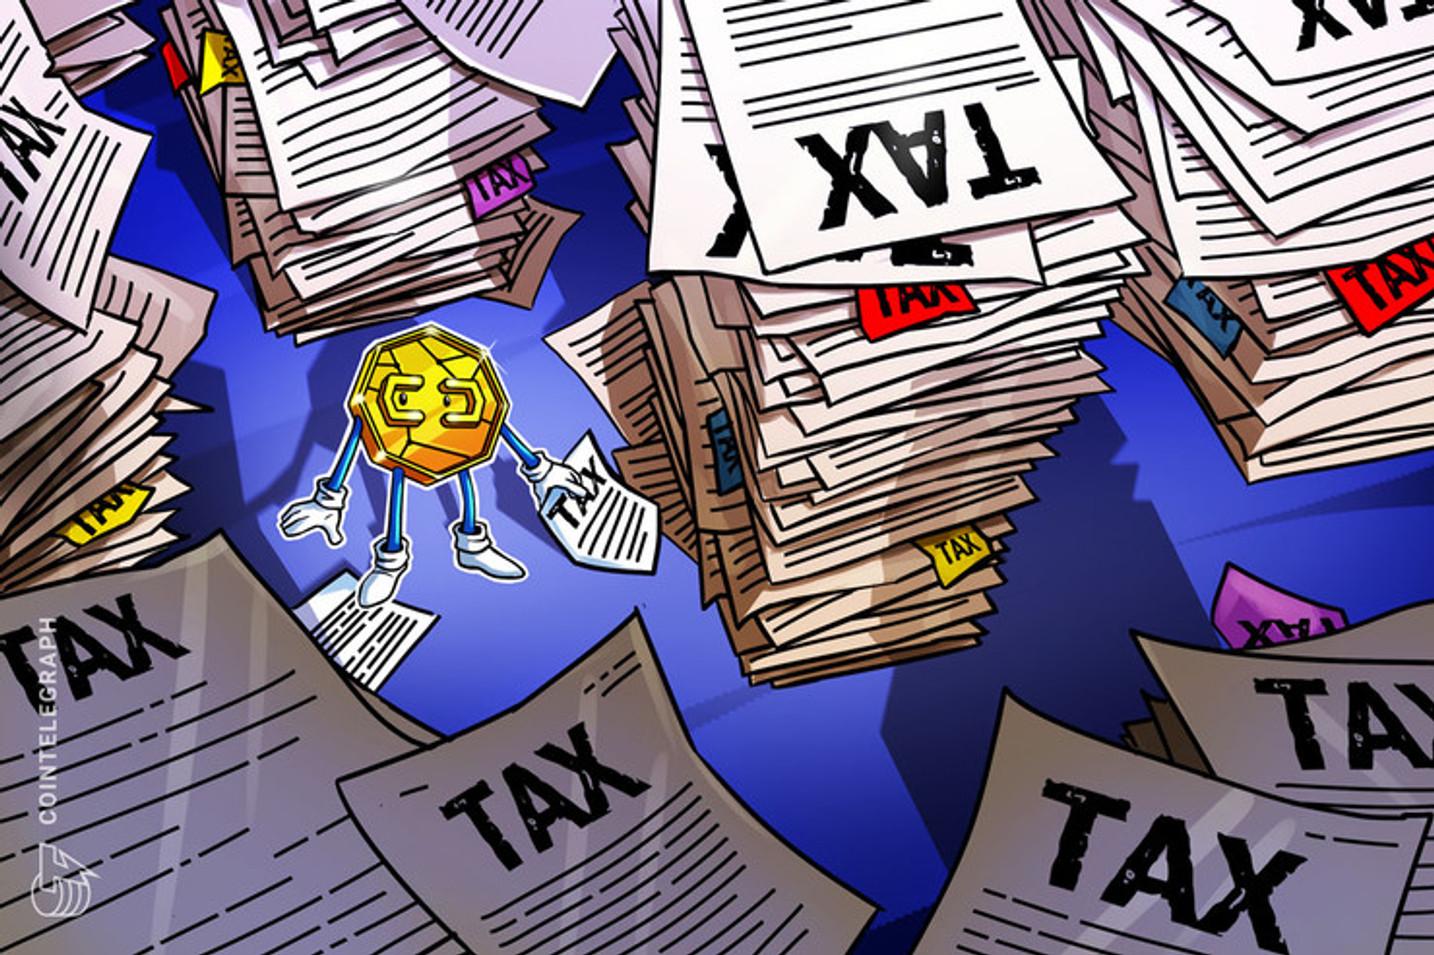 Argentina: El ente recaudador (AFIP) aplicará IVA e Impuesto a las Ganancias a operaciones con billeteras electrónicas